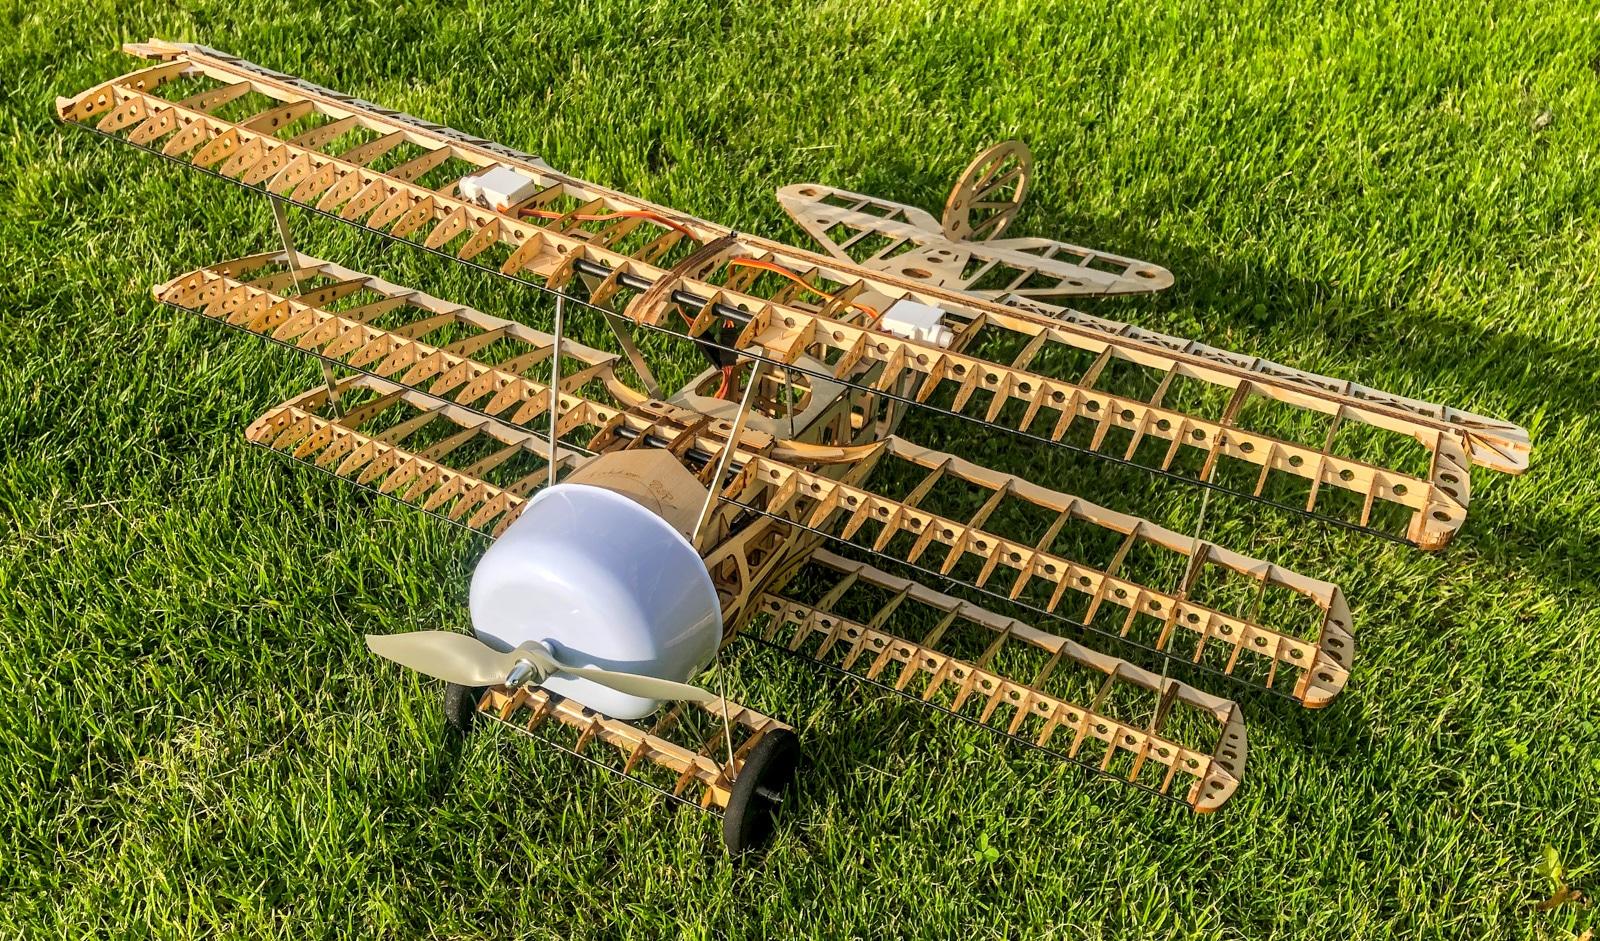 Fokker Dr.I balsa model